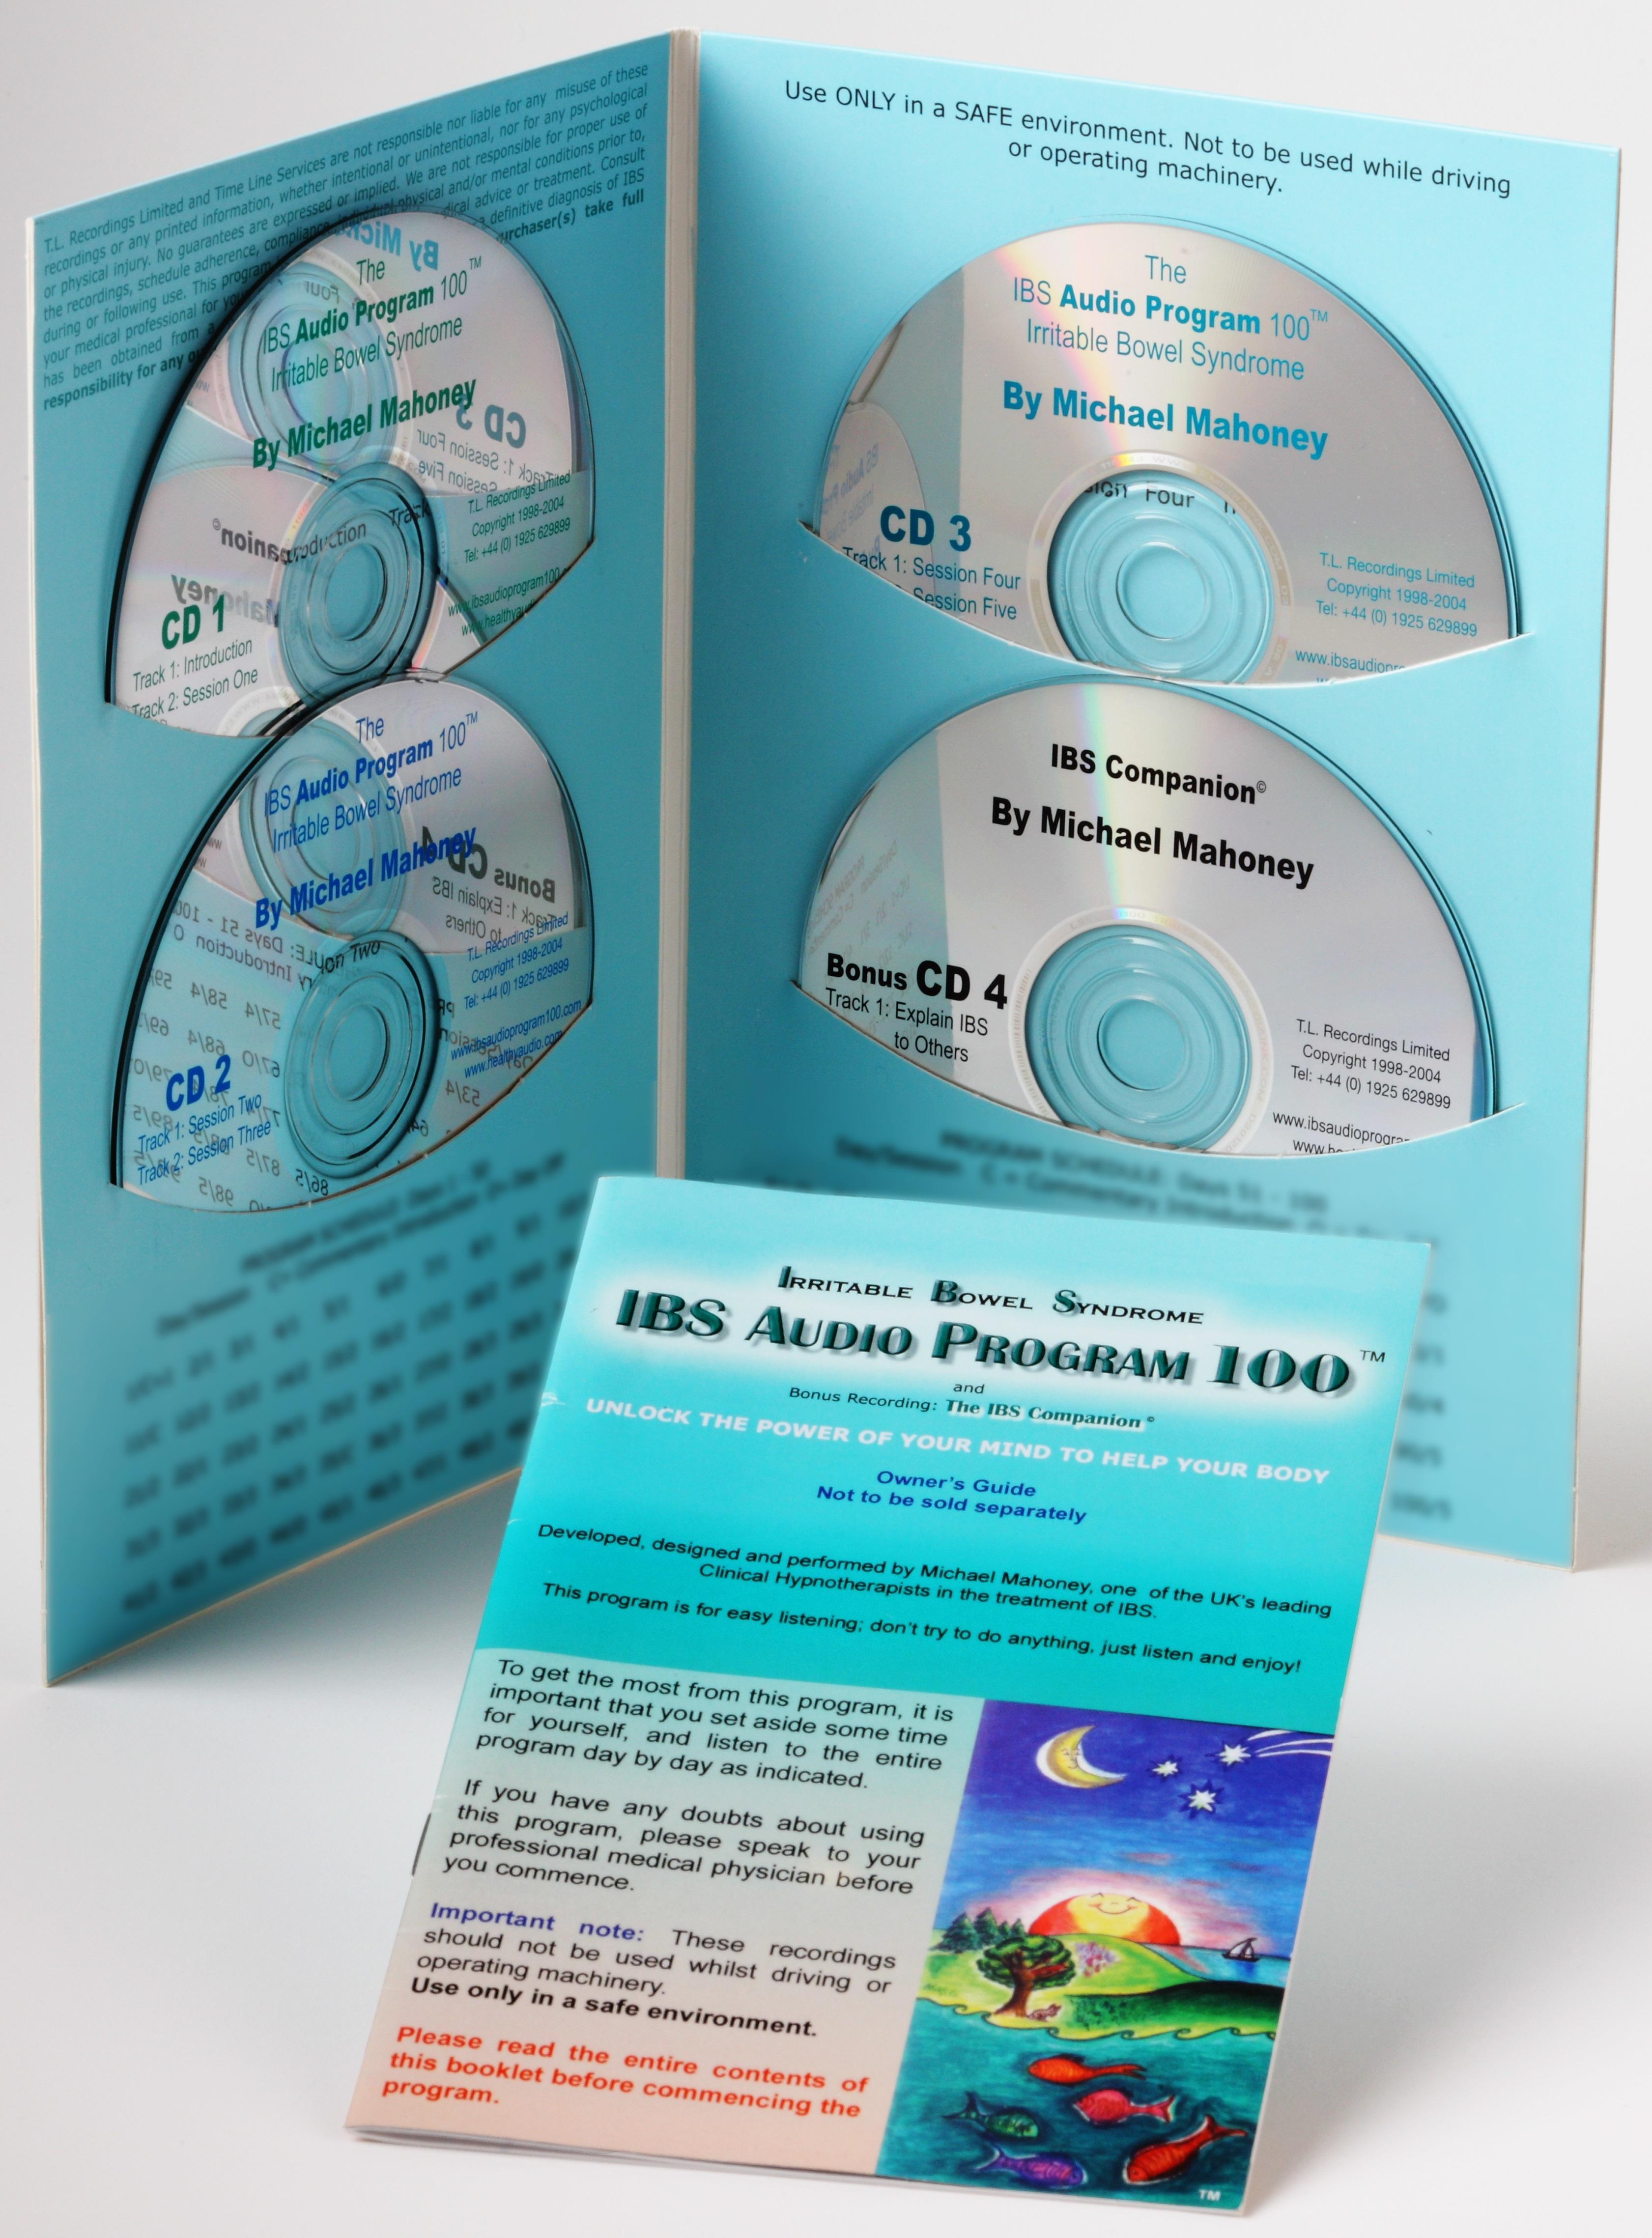 Ibs audio program torrent